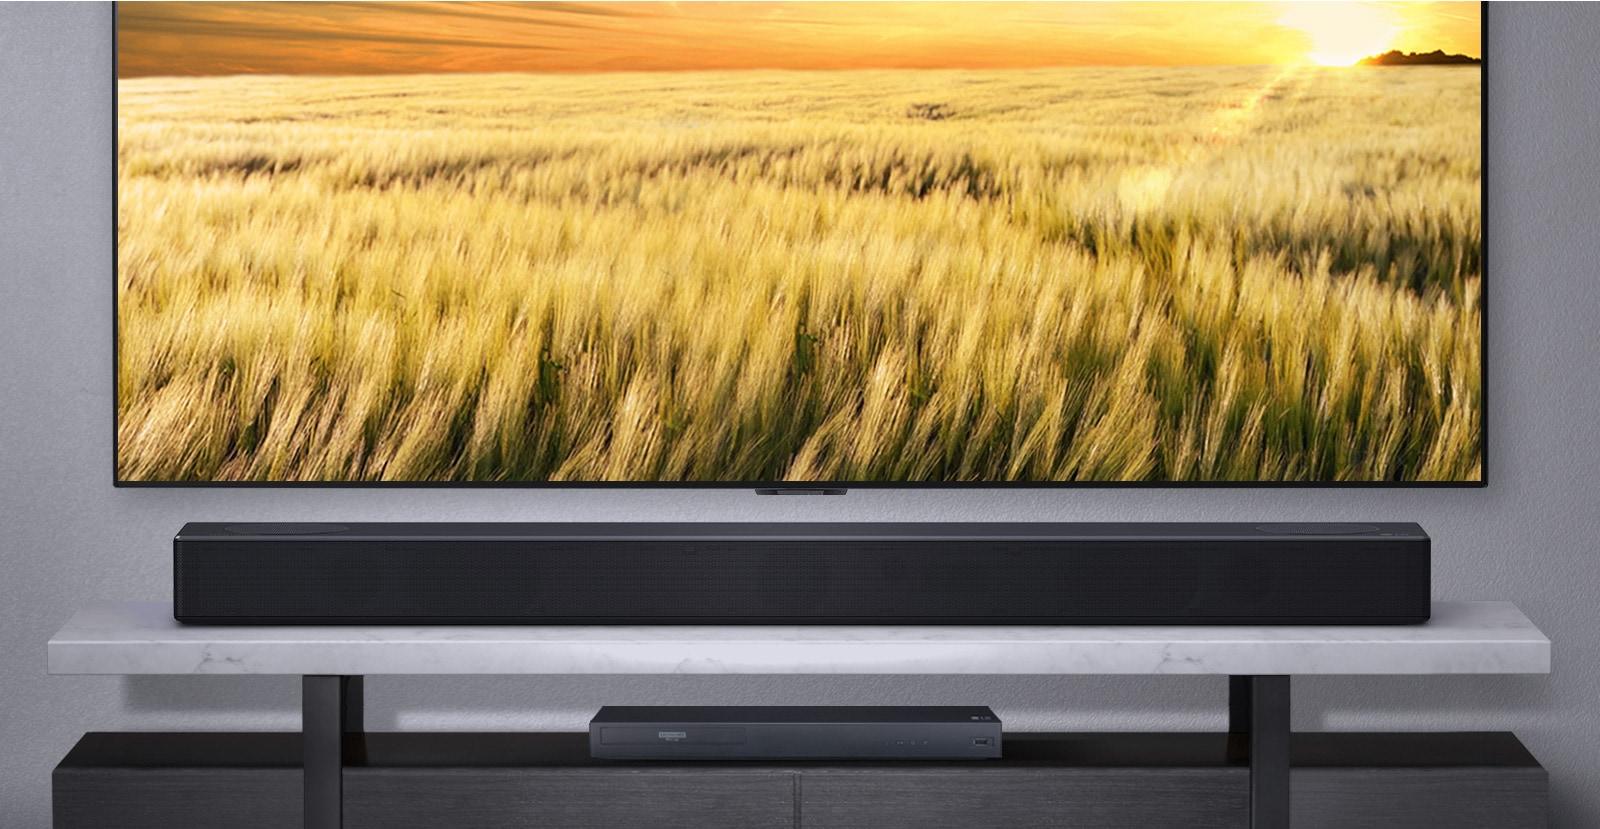 Voorkant van de soundbar aangesloten tv en blue-rayspeler